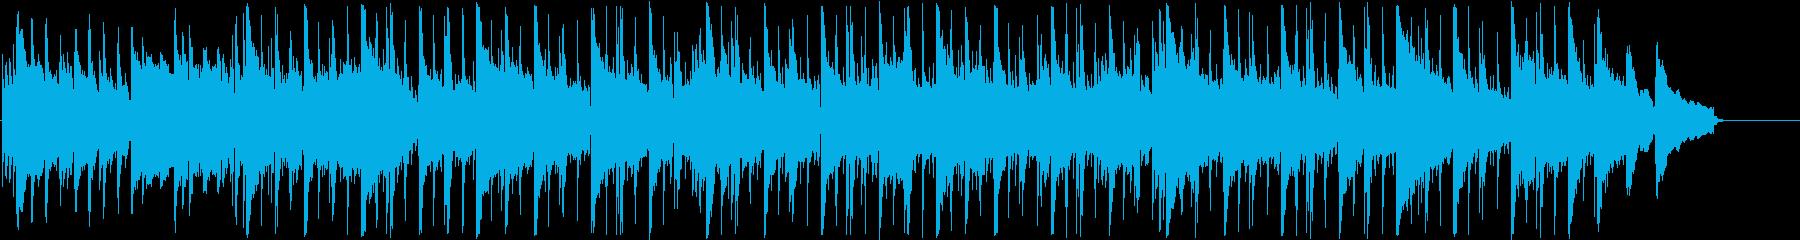 癒しのR&Bの再生済みの波形